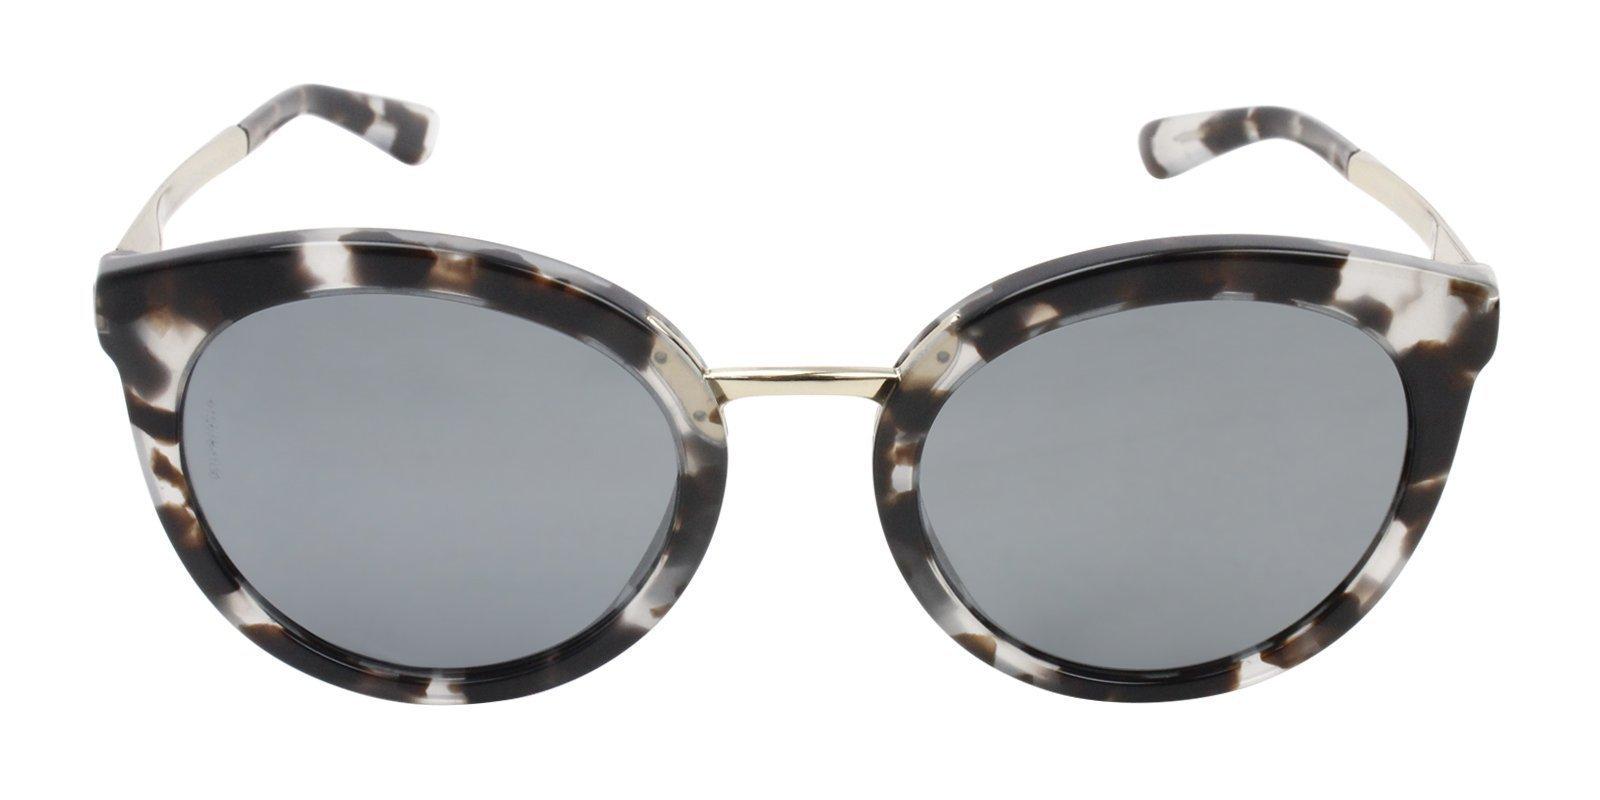 0fc59bc453 Dolce Gabbana - DG4268 Tortoise - Gray sunglasses